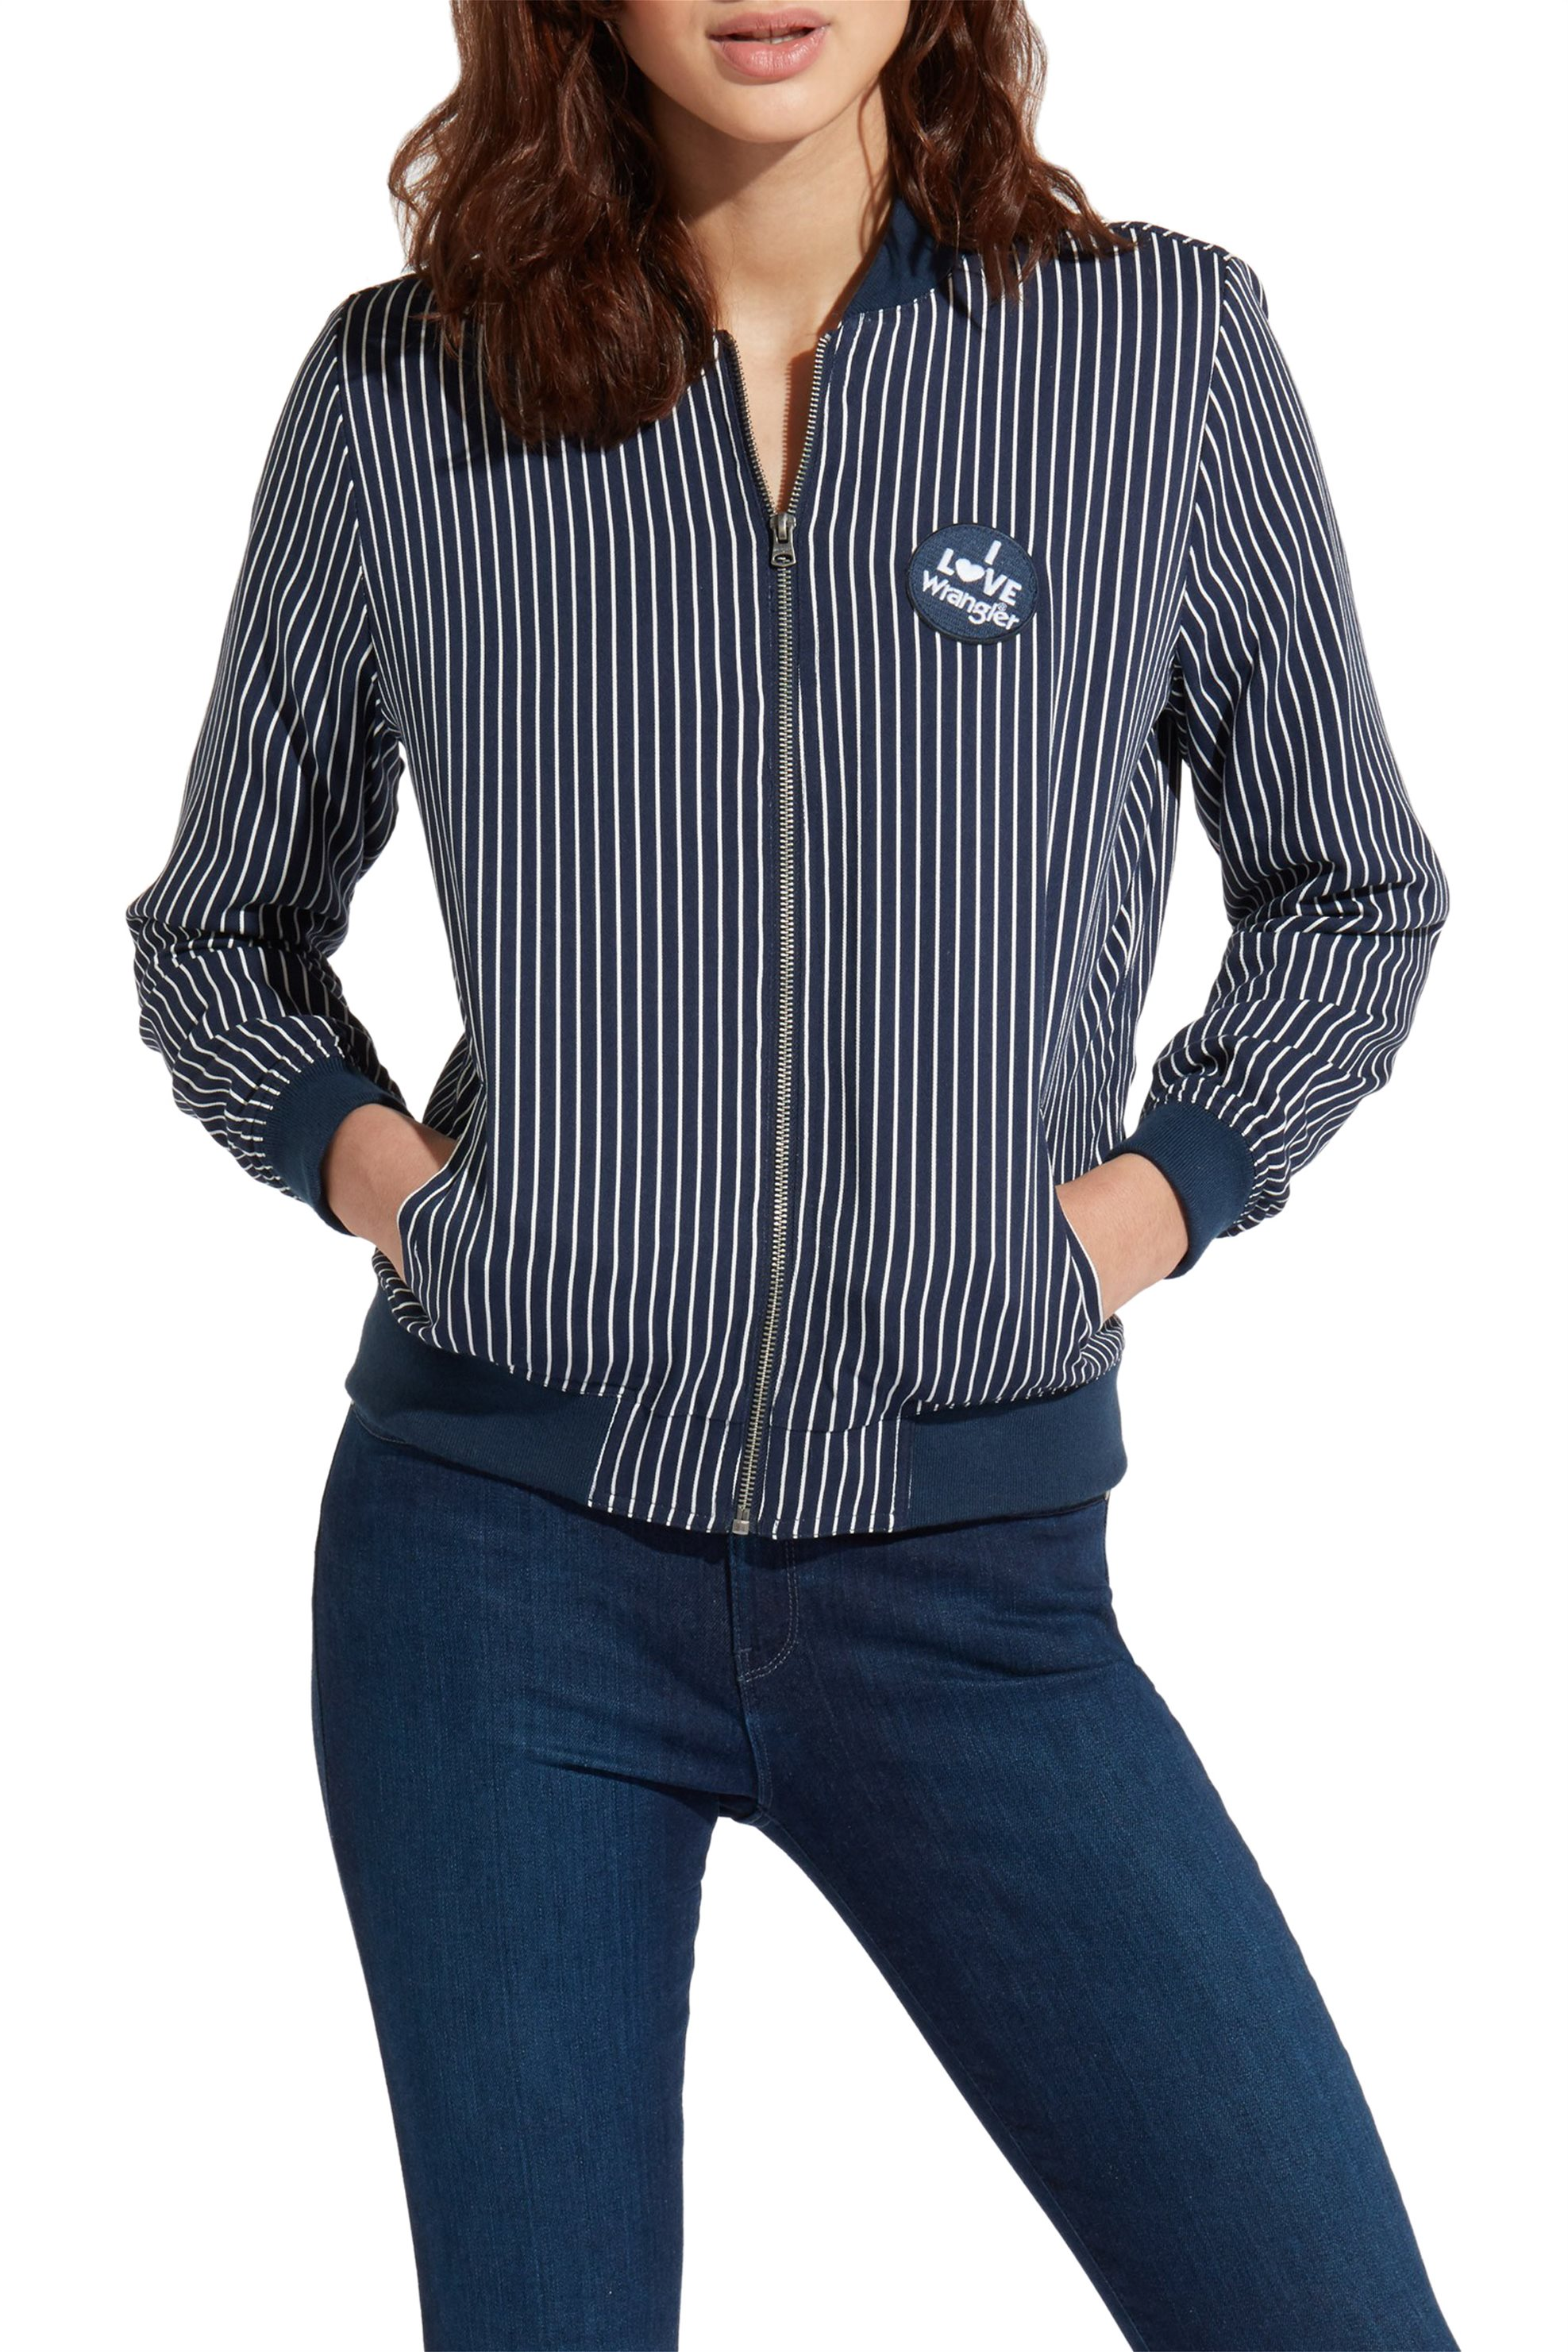 Γυναικεία   Ρούχα   Πανωφόρια   Τζάκετ   GUESS - Γυναικείο μπουφάν ... bdacfd13263